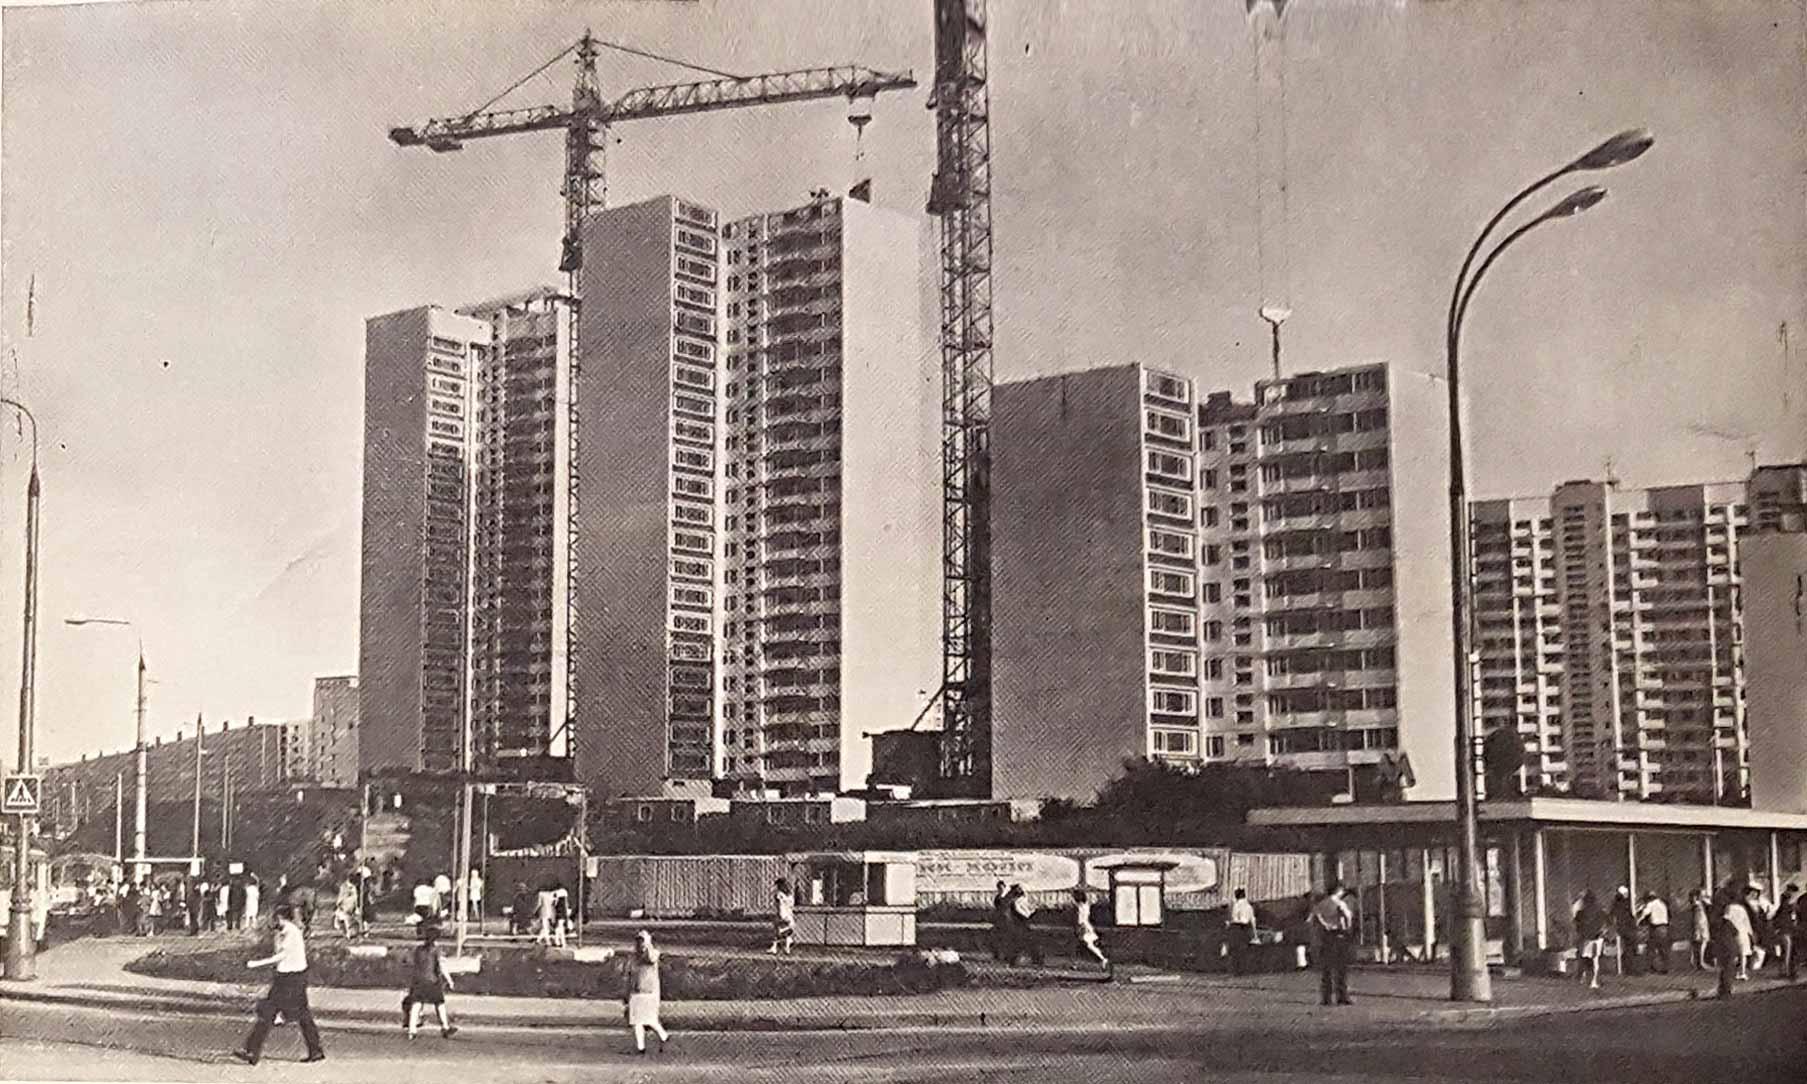 Бесплатный вебинар: Архитектура СССР. Брежневский период и позднесоветская эпоха